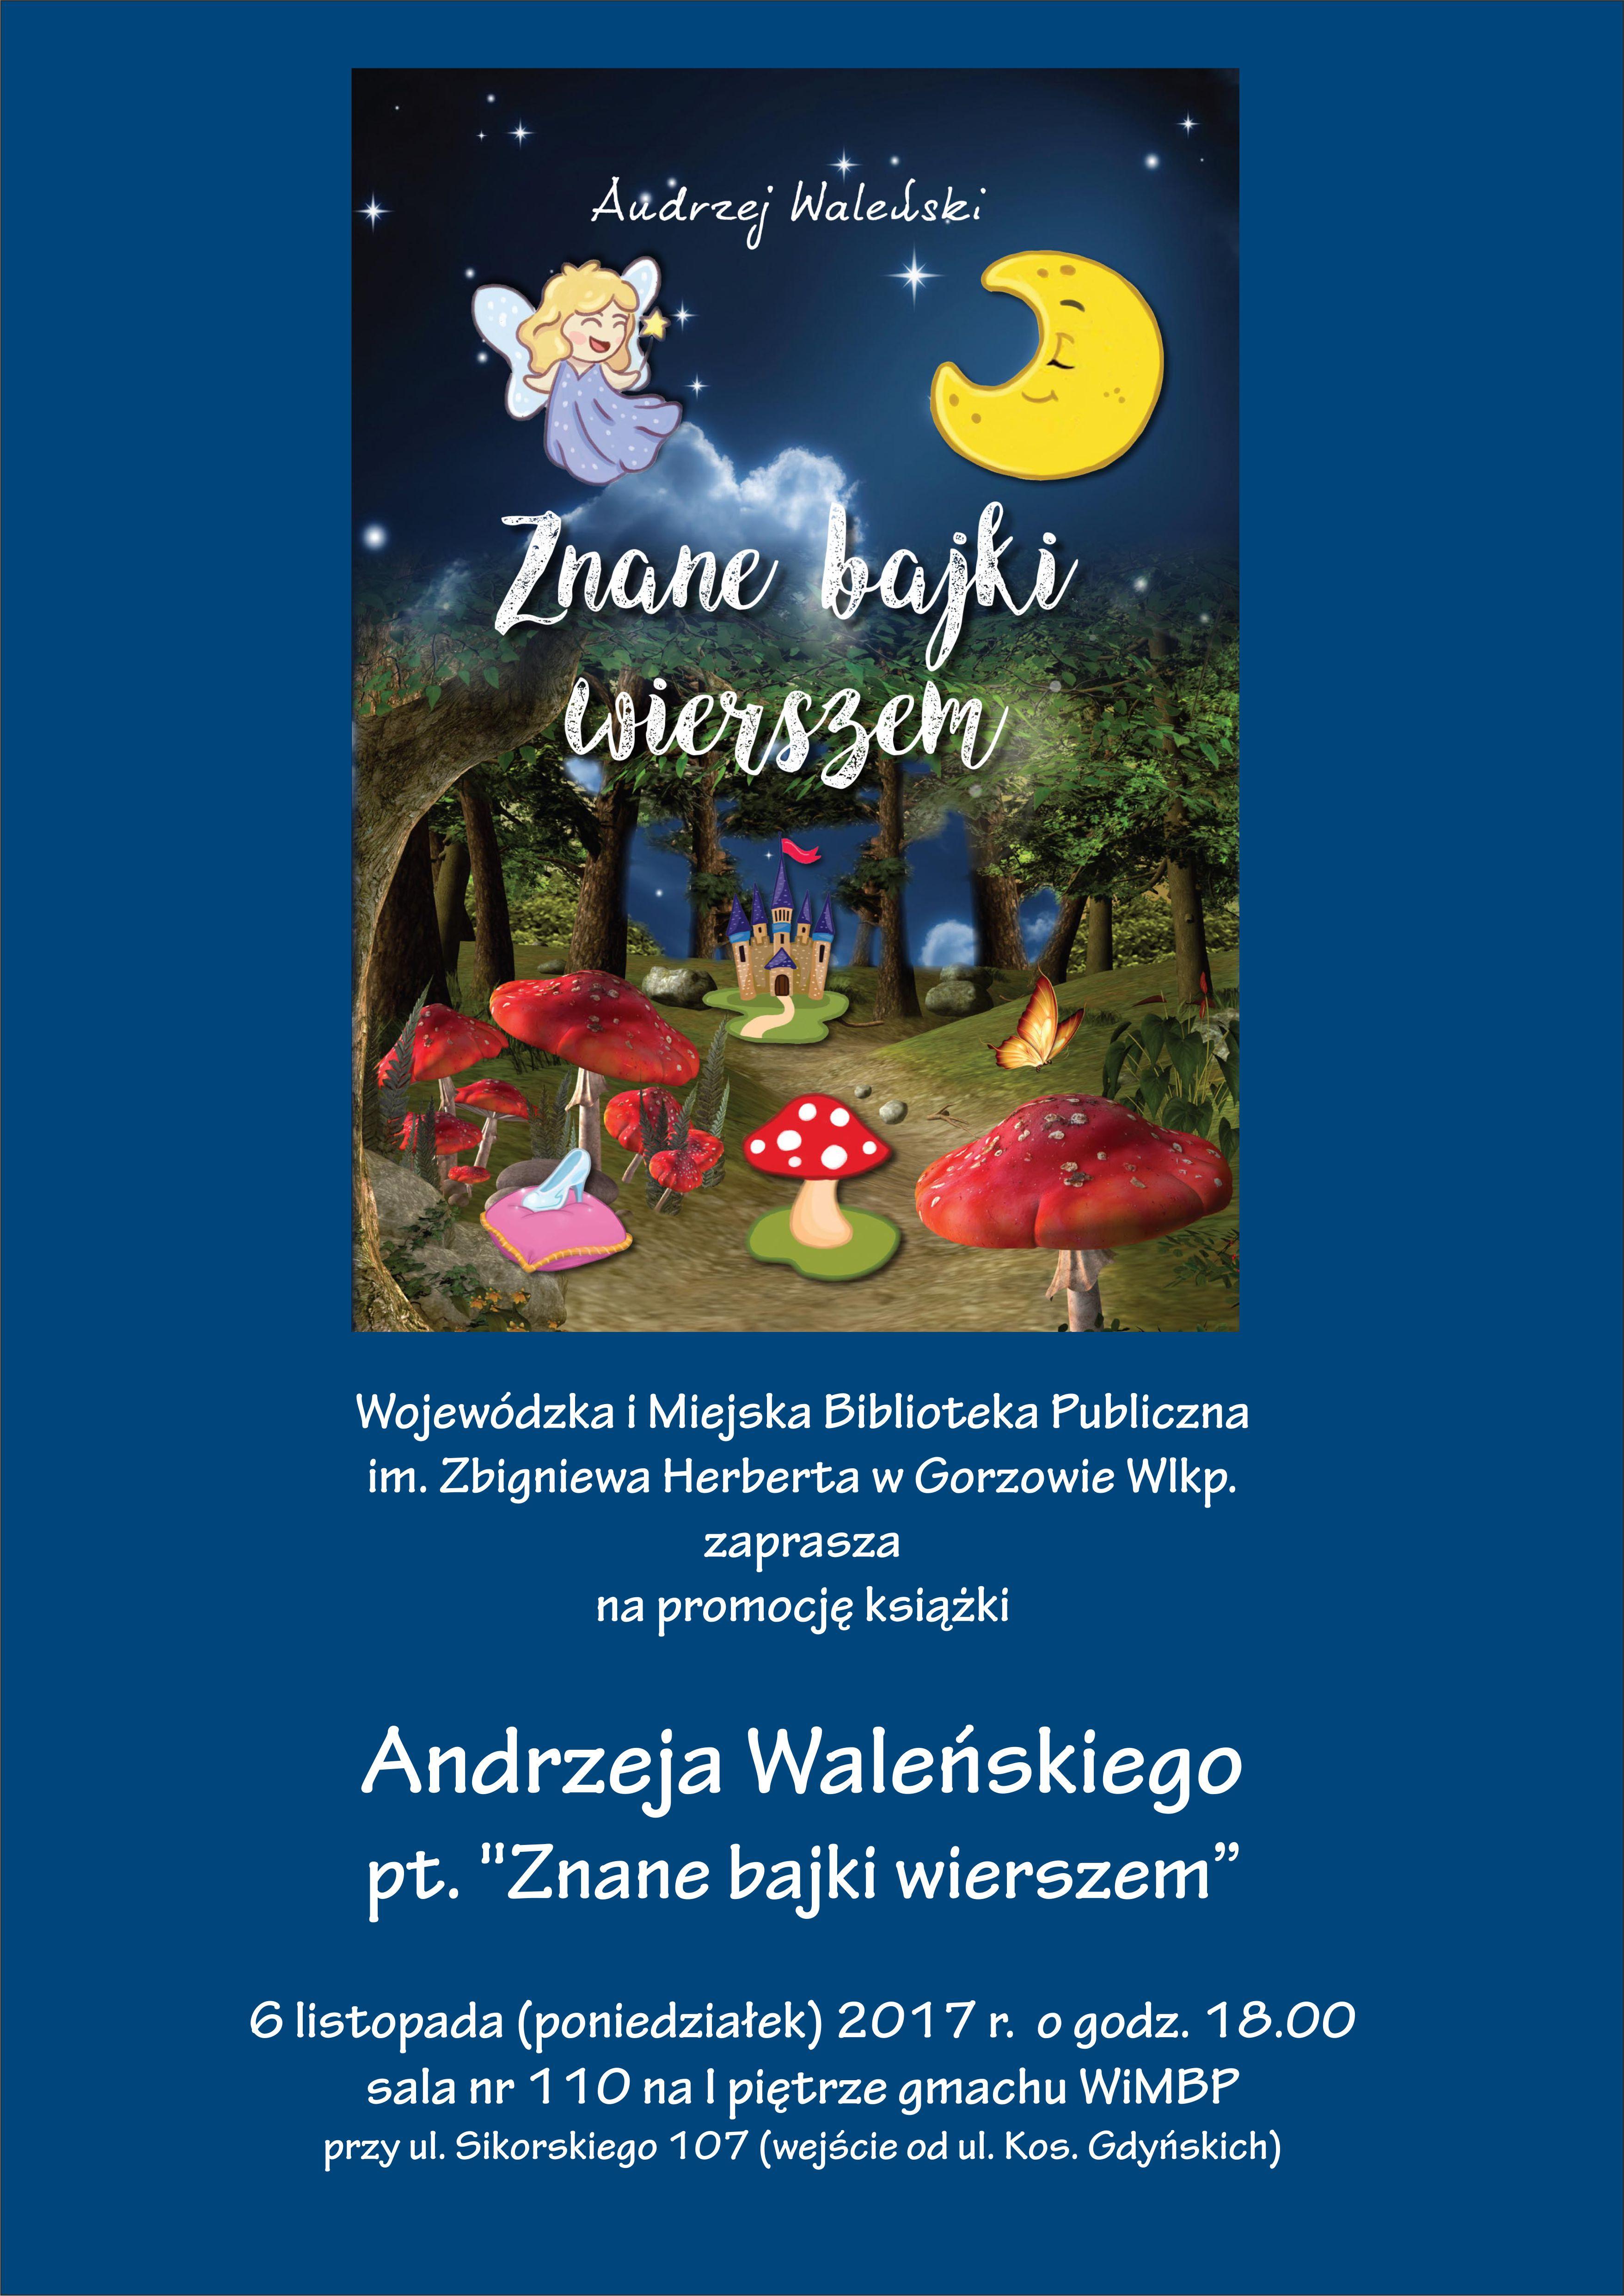 Wiersze Okazjonalne Wiersze Dla Dzieci Znane Bajki